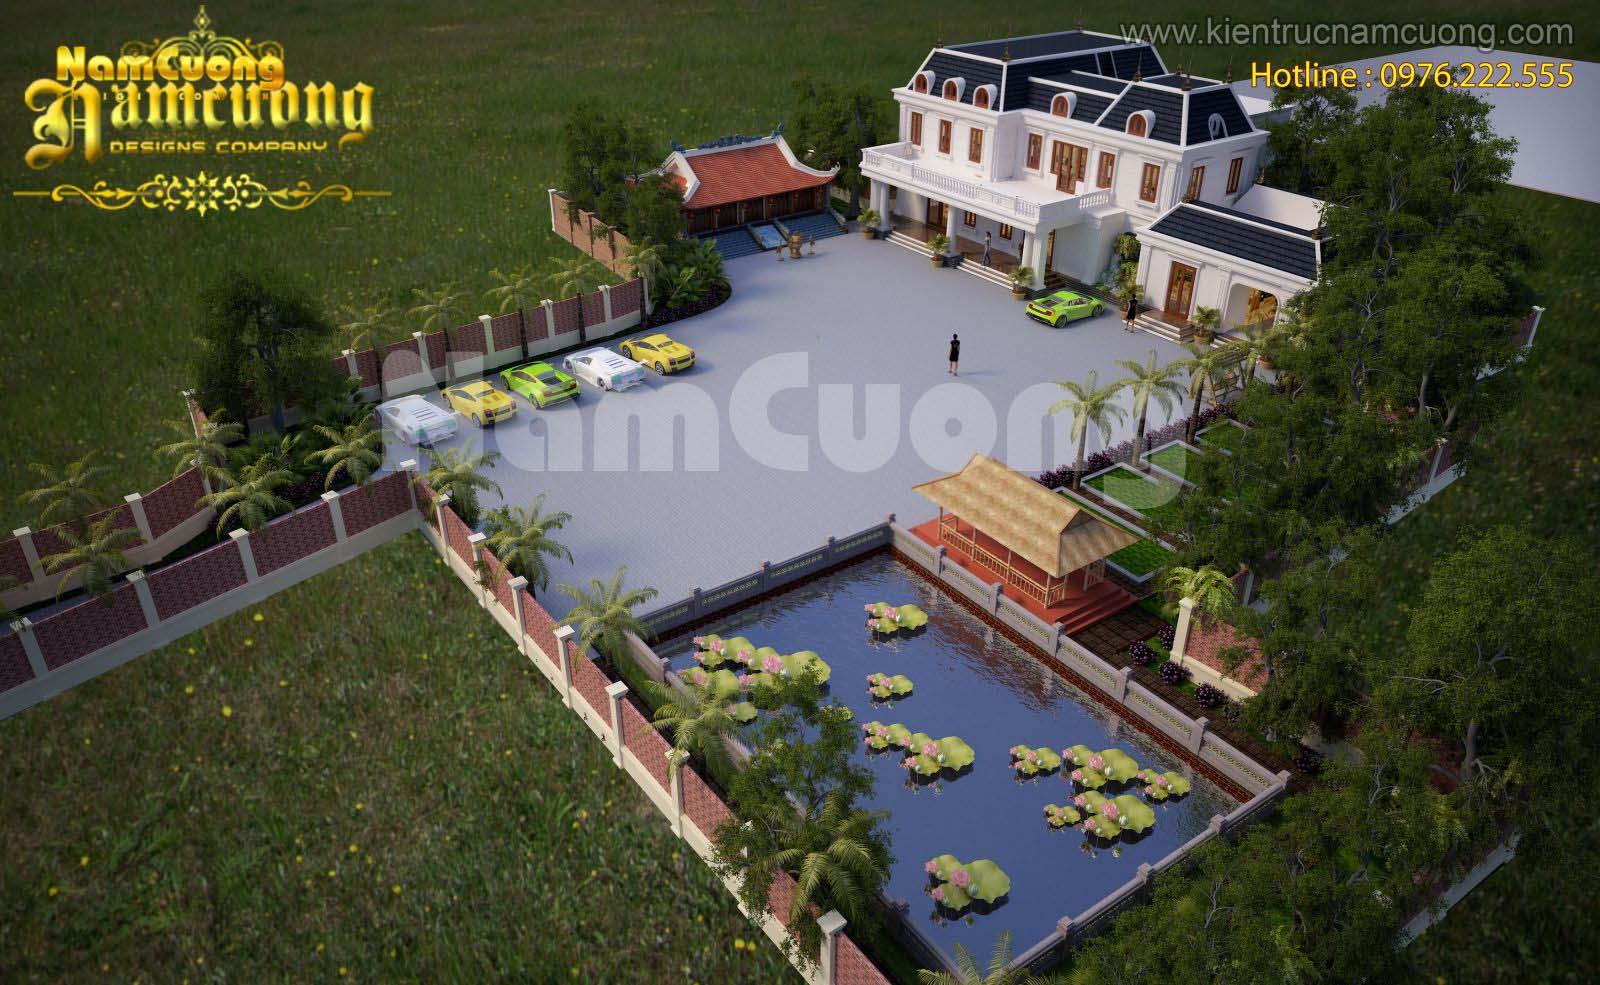 Mẫu biệt thự nhà vườn tân cổ điển đẹp tại Quảng Ninh - BTNVCD 001